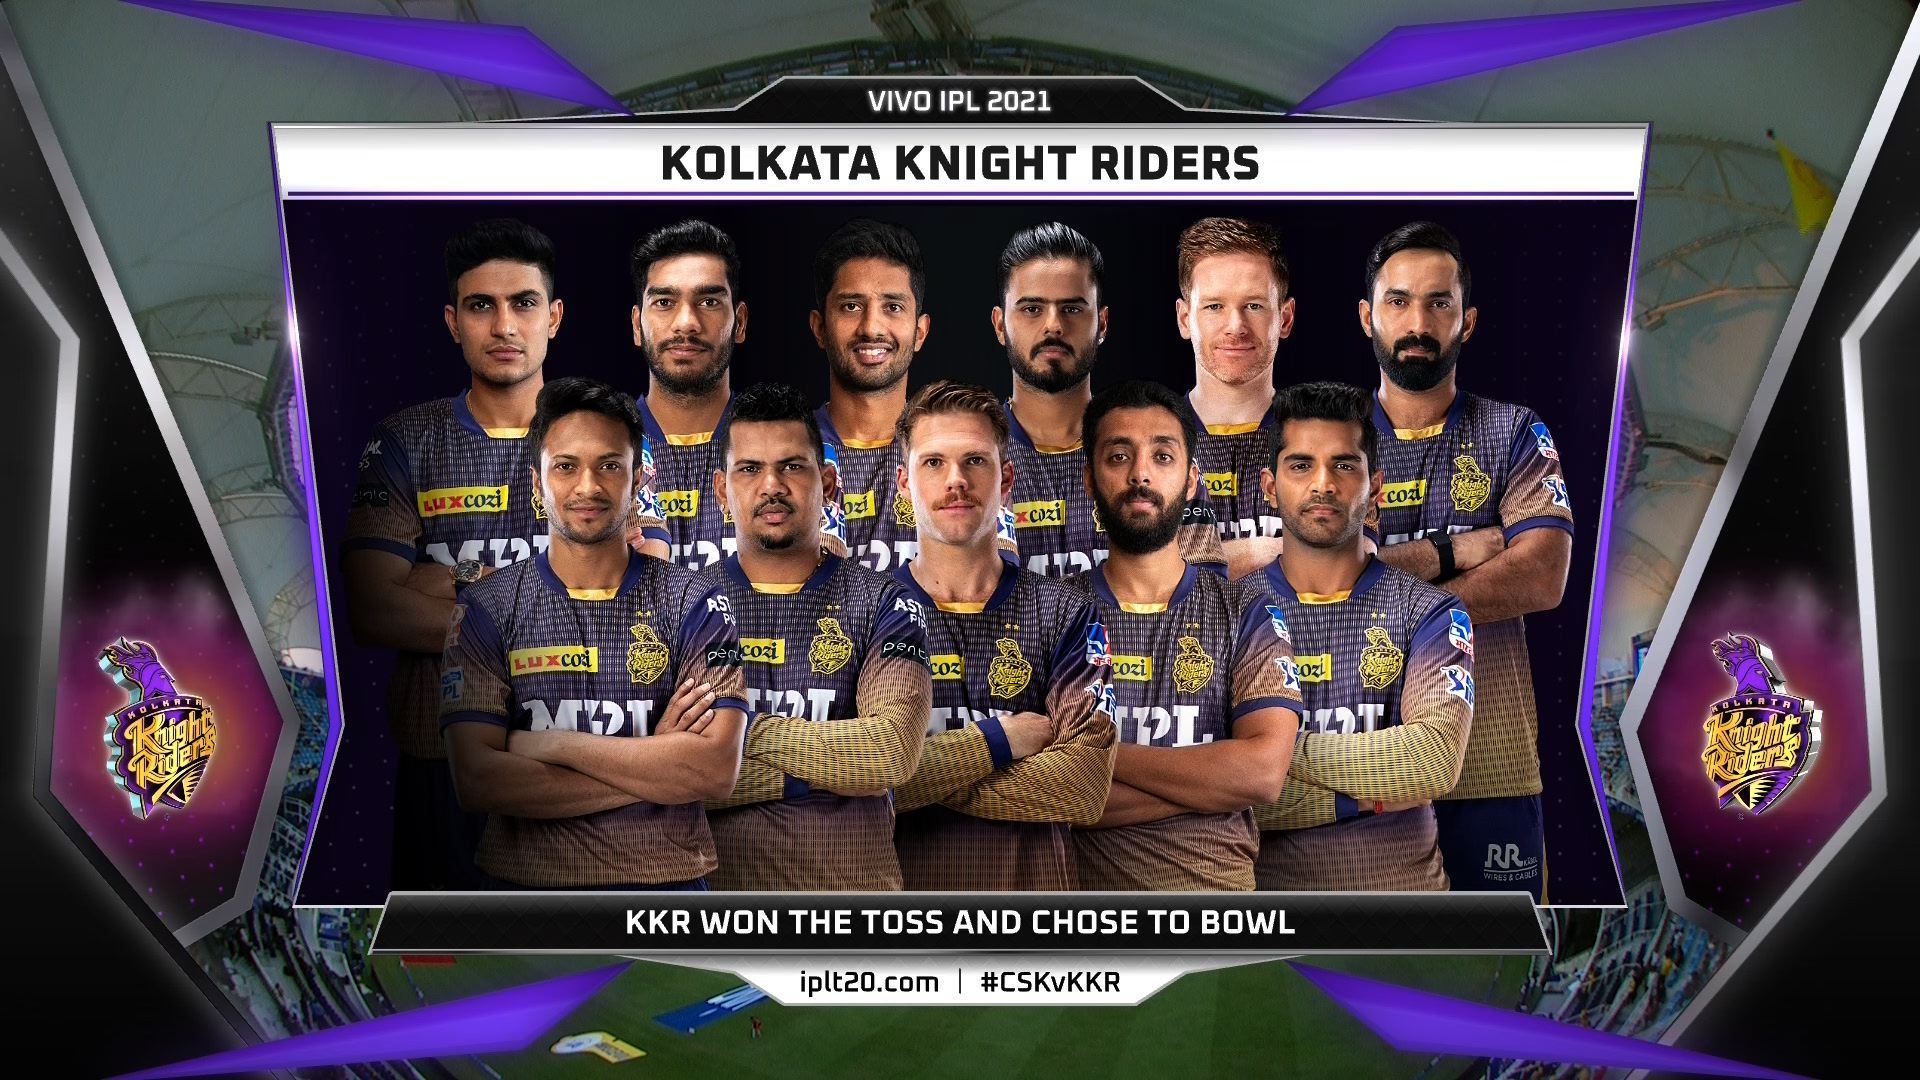 IPL 2021 CSK and KKR Final Playing xi: आयपीएलचे विजेतेपद मिळवण्यासाठी चेन्नई-कोलकाताने कोणत्या खेळाडूंना दिली संधी, जाणून घ्या